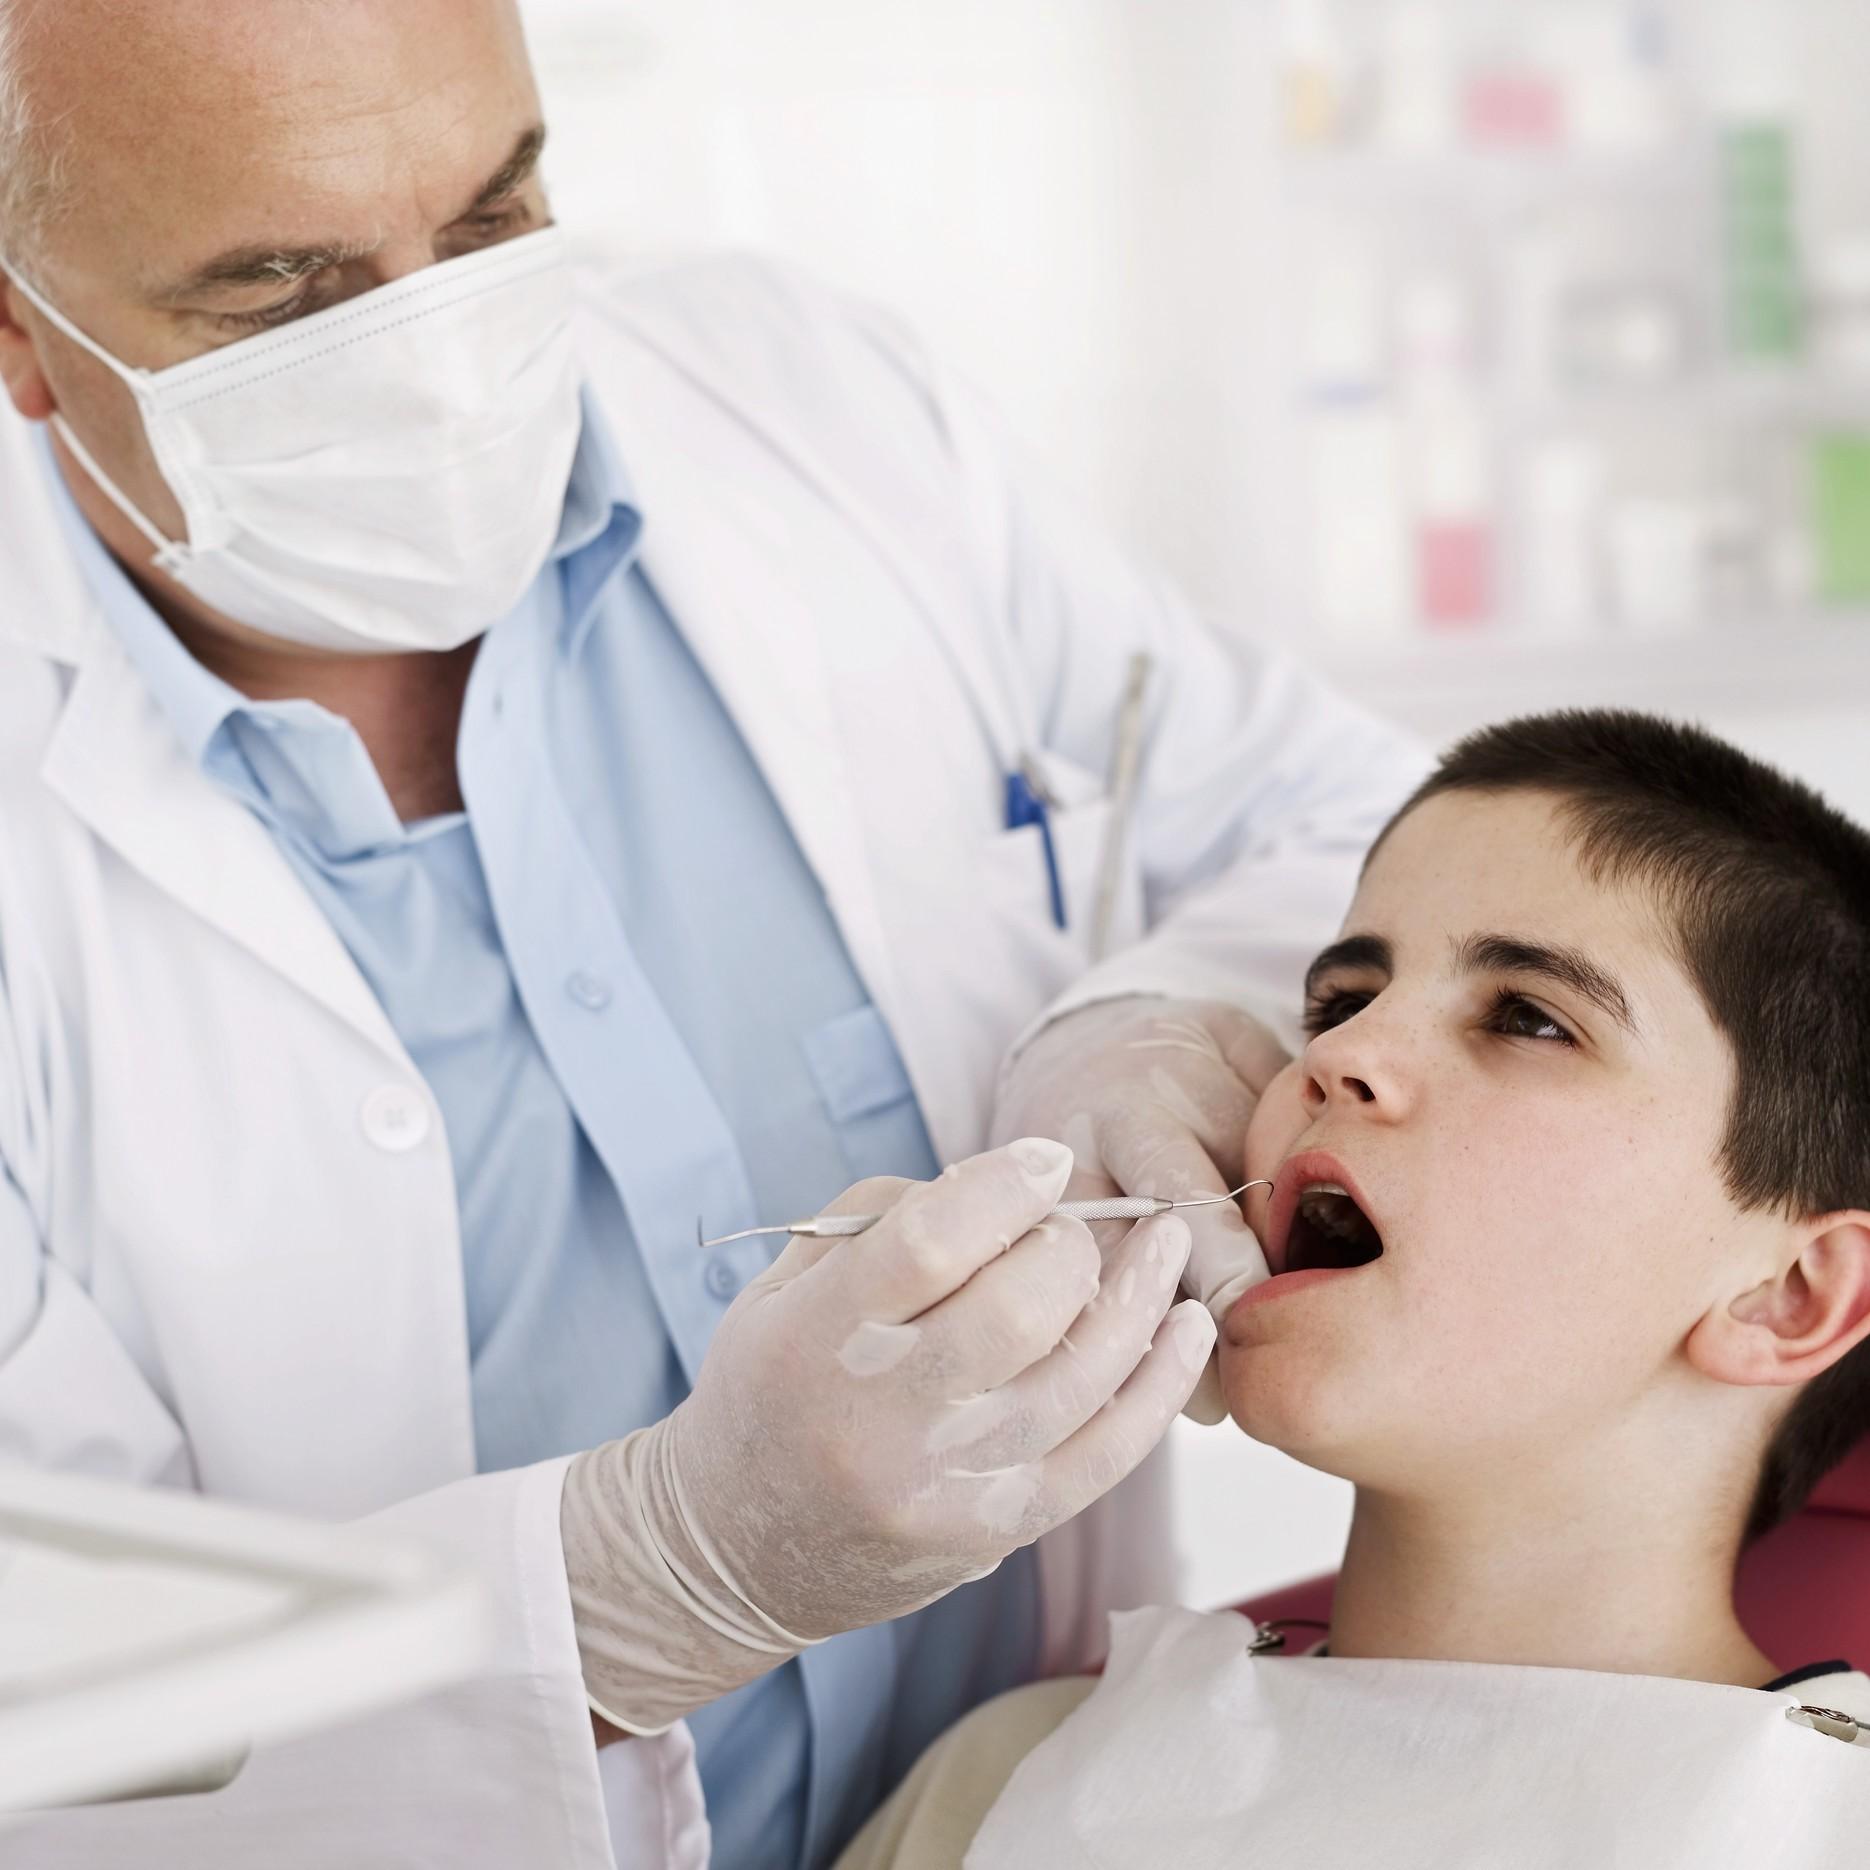 dental services for kids